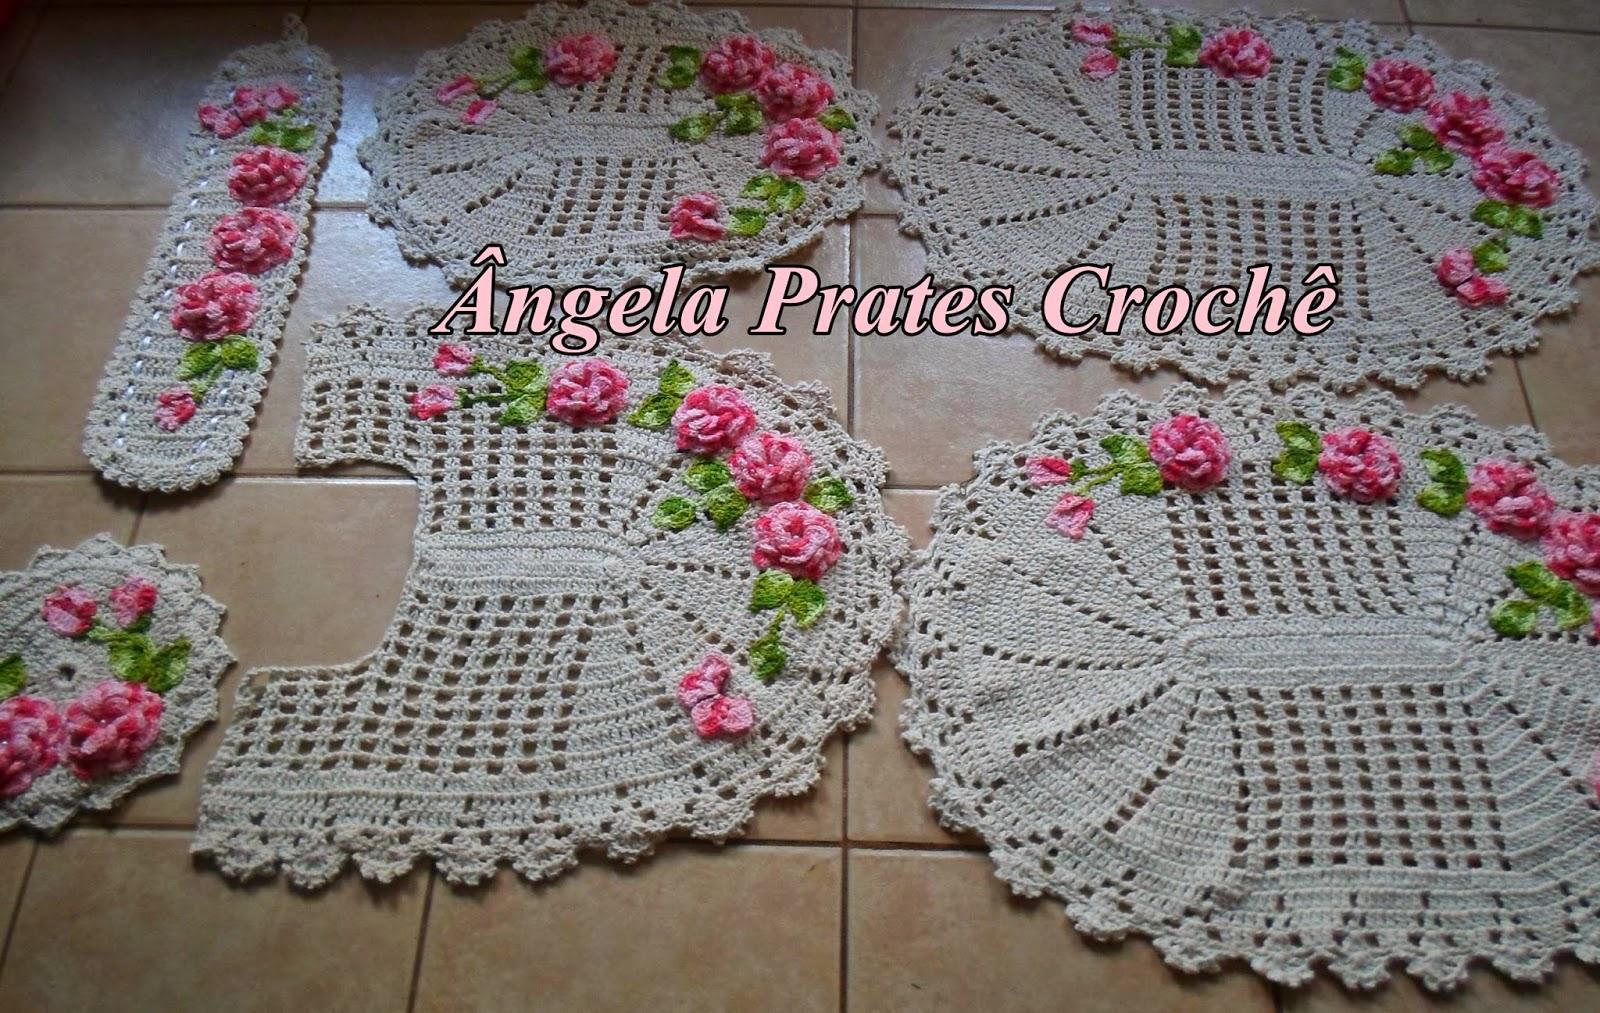 dos Blogs Angela Prates Crochê e A Arte de fazer Crochê By Andresa #496024 1600 1013